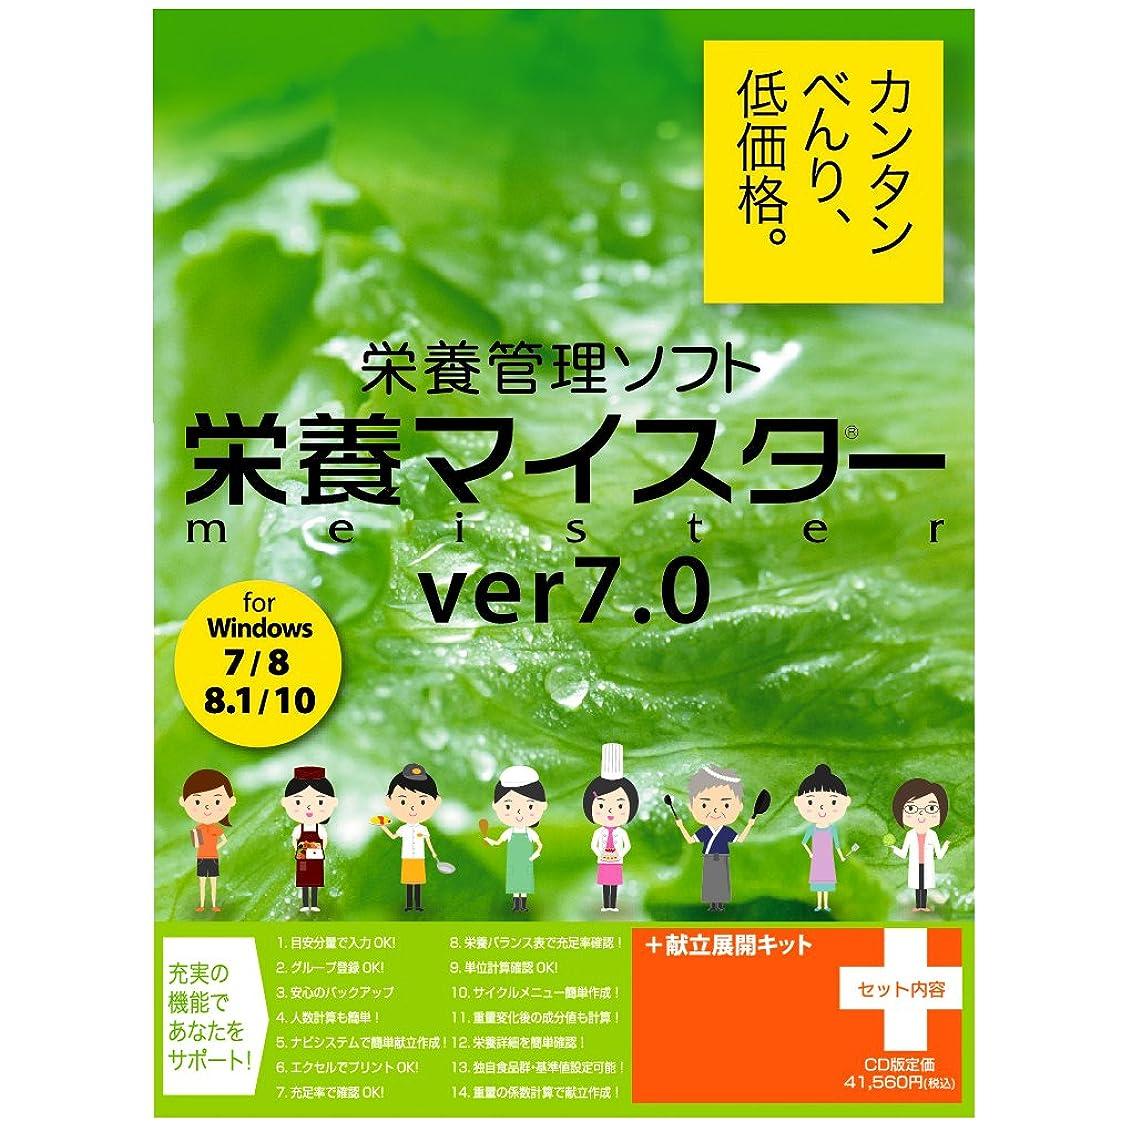 電球ゲーム哲学的栄養計算ソフト「栄養マイスター」Ver7.0 献立展開セット